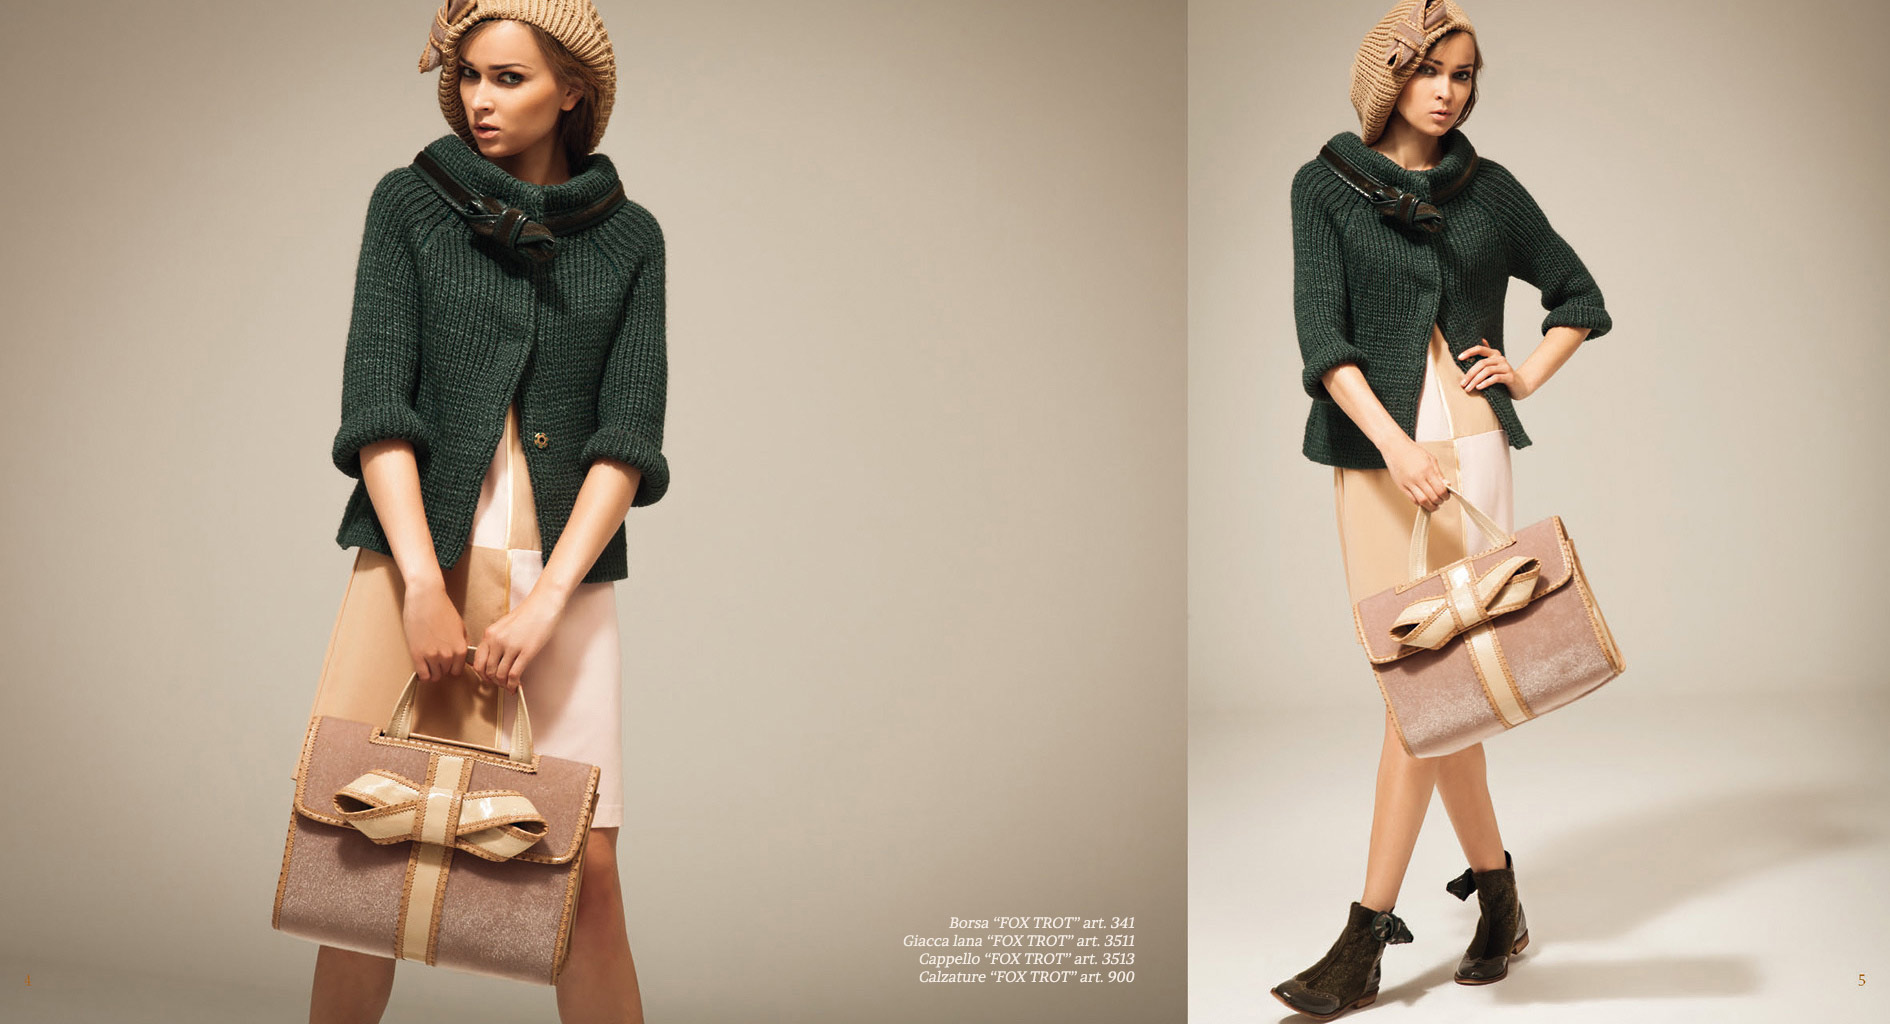 Borse Di Moda Inverno 2014 : Kontessa accessori autunno inverno